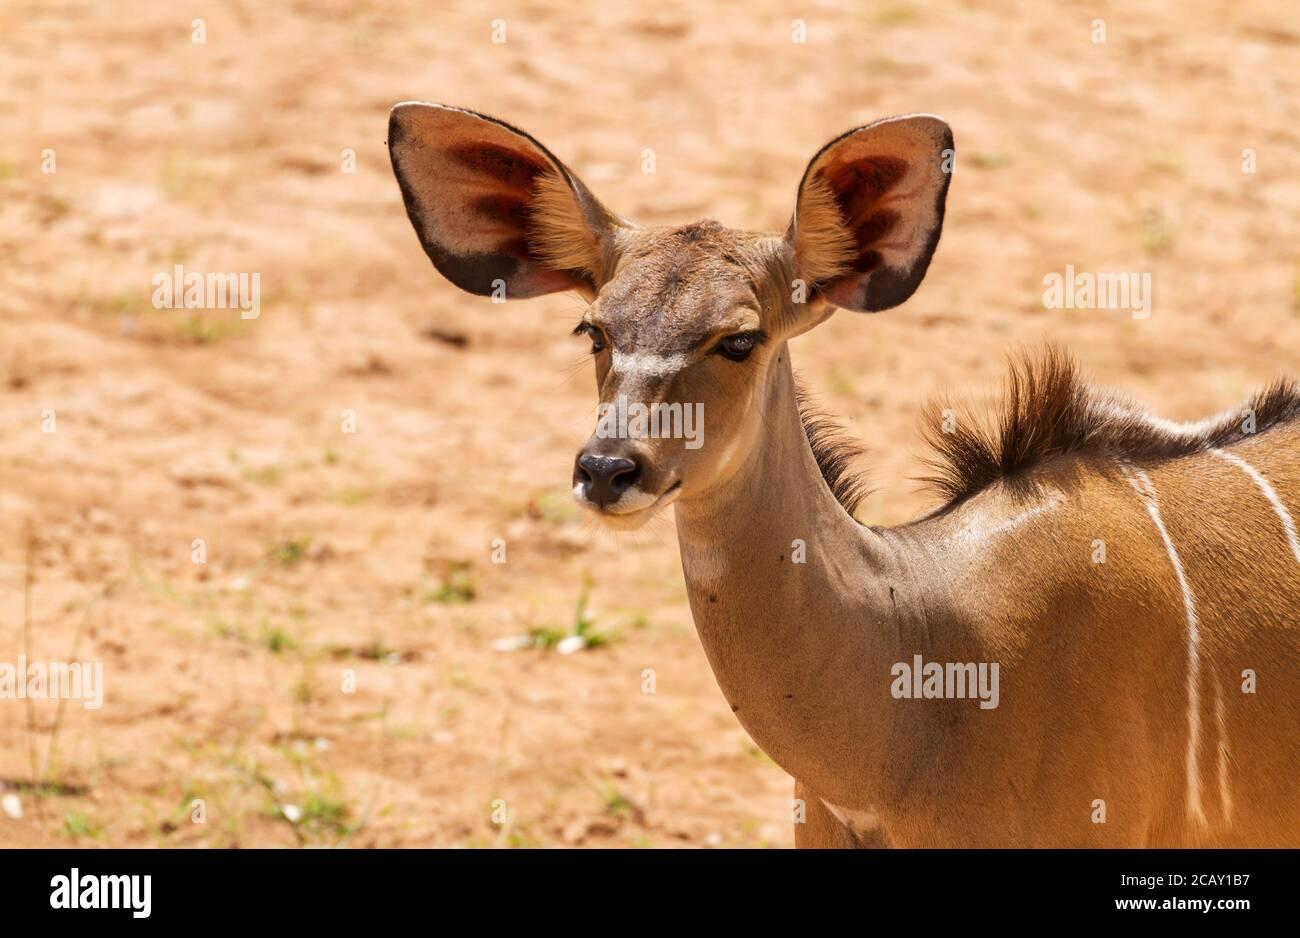 Mayor vaca femenina kudu, 'Tragelaphus strepicémiceros', cara con orejas grandes y ojos. Reserva Nacional Samburu, Kenia, África. Gran antílope silvestre de orejas Foto de stock